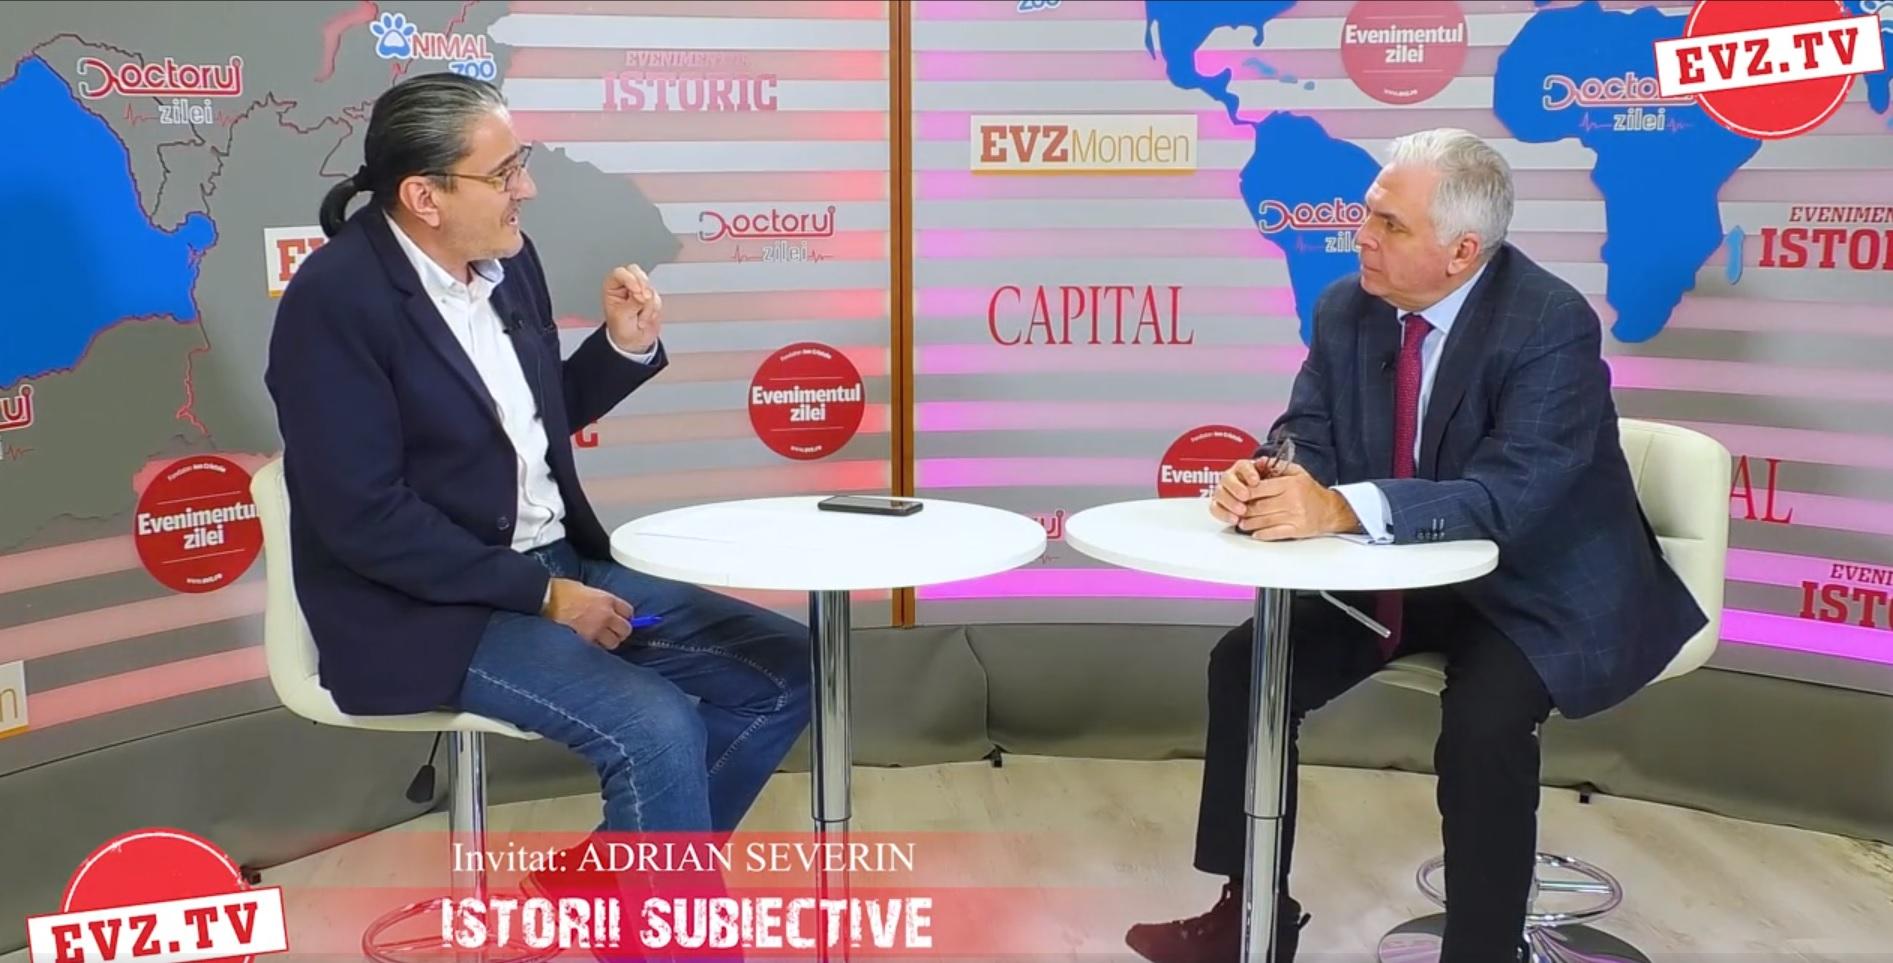 Evz.TV. Personajele din Lista lui Severin, agenți ai Vestului, cât și ai Estului